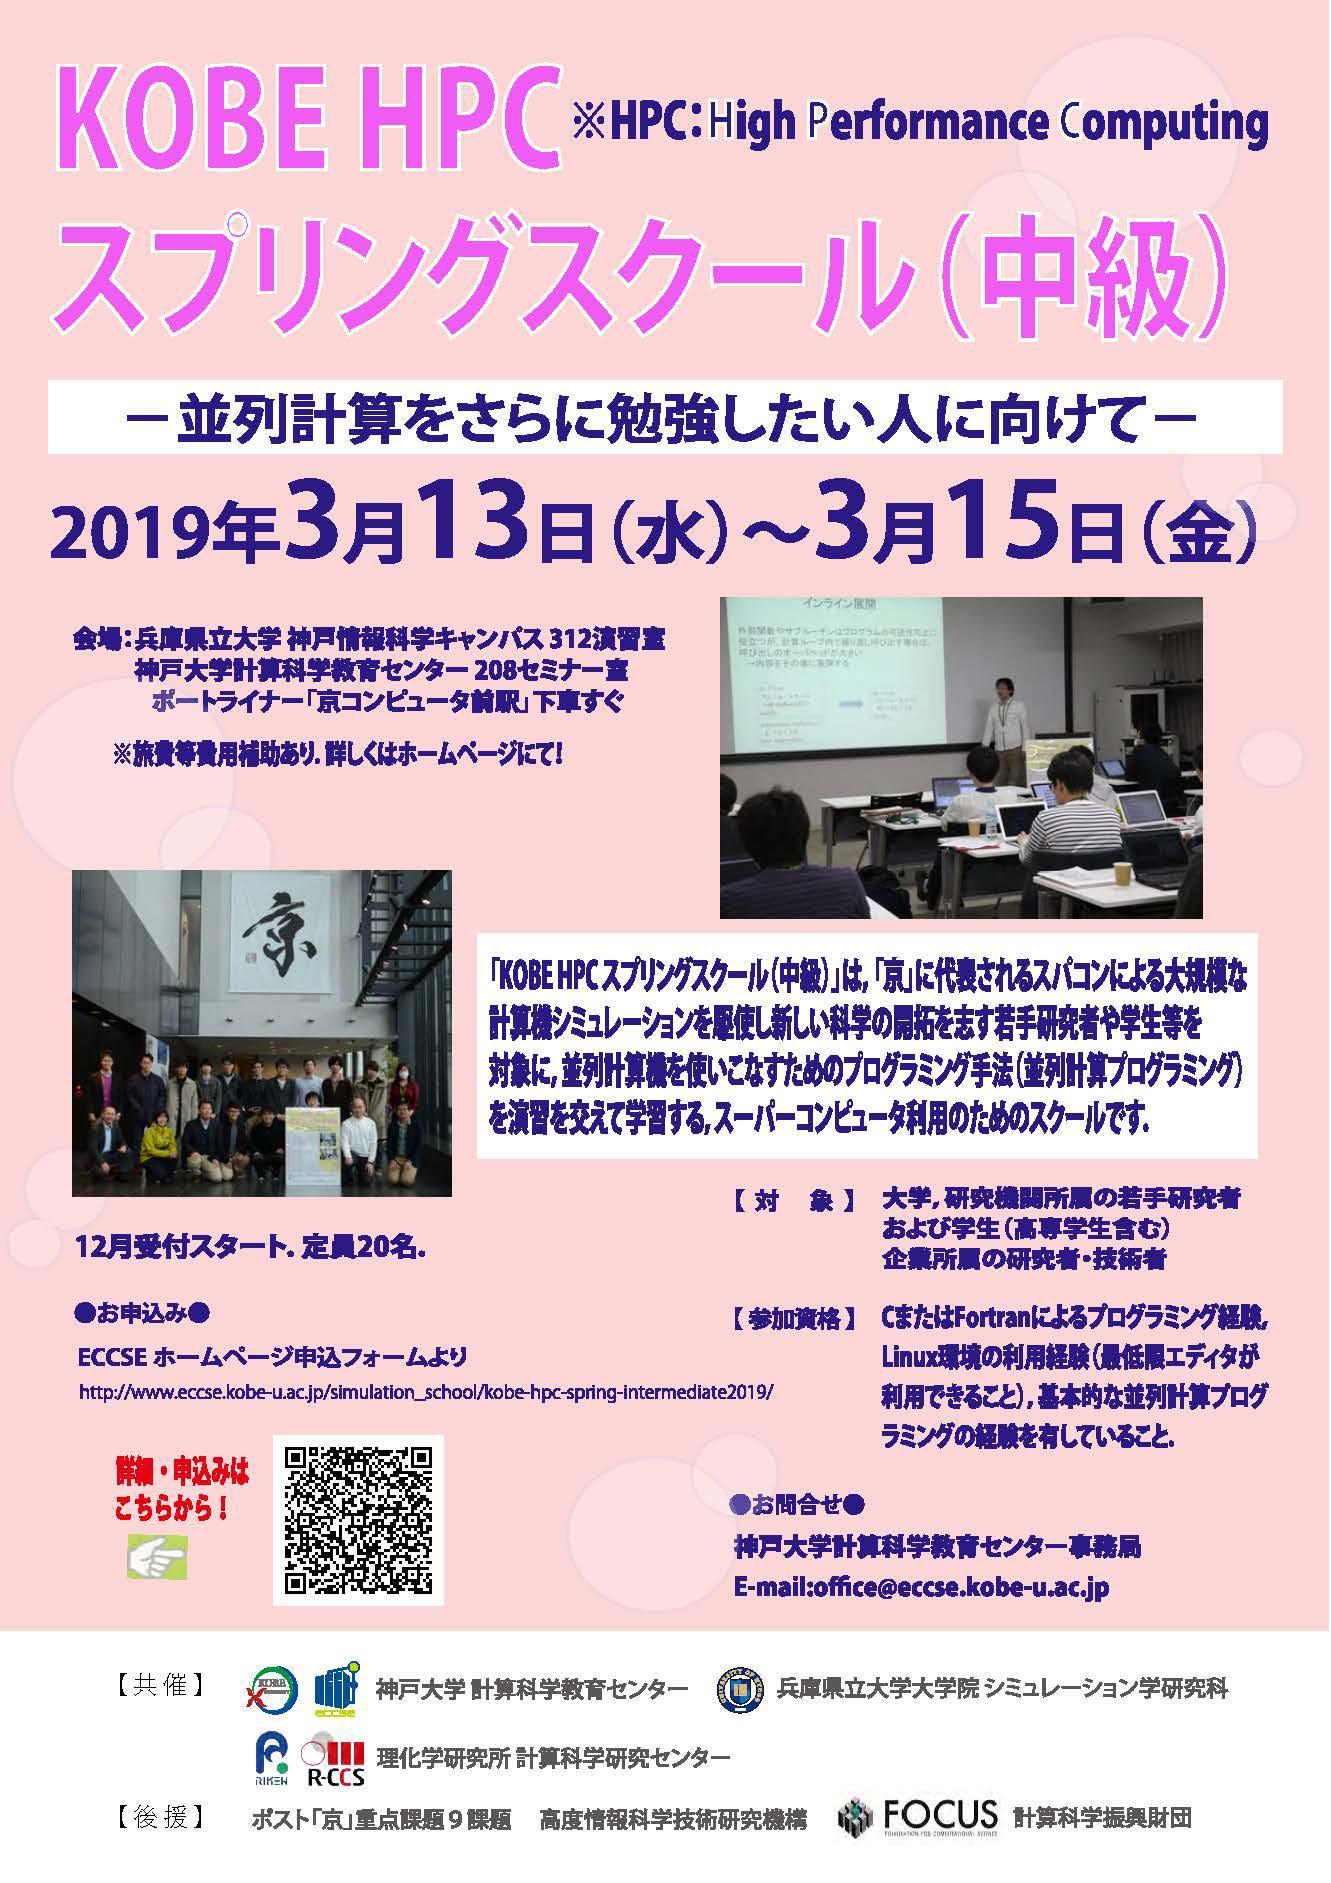 KOBE HPC スプリングスクール(中級) | 神戸大学計算科学教育センター